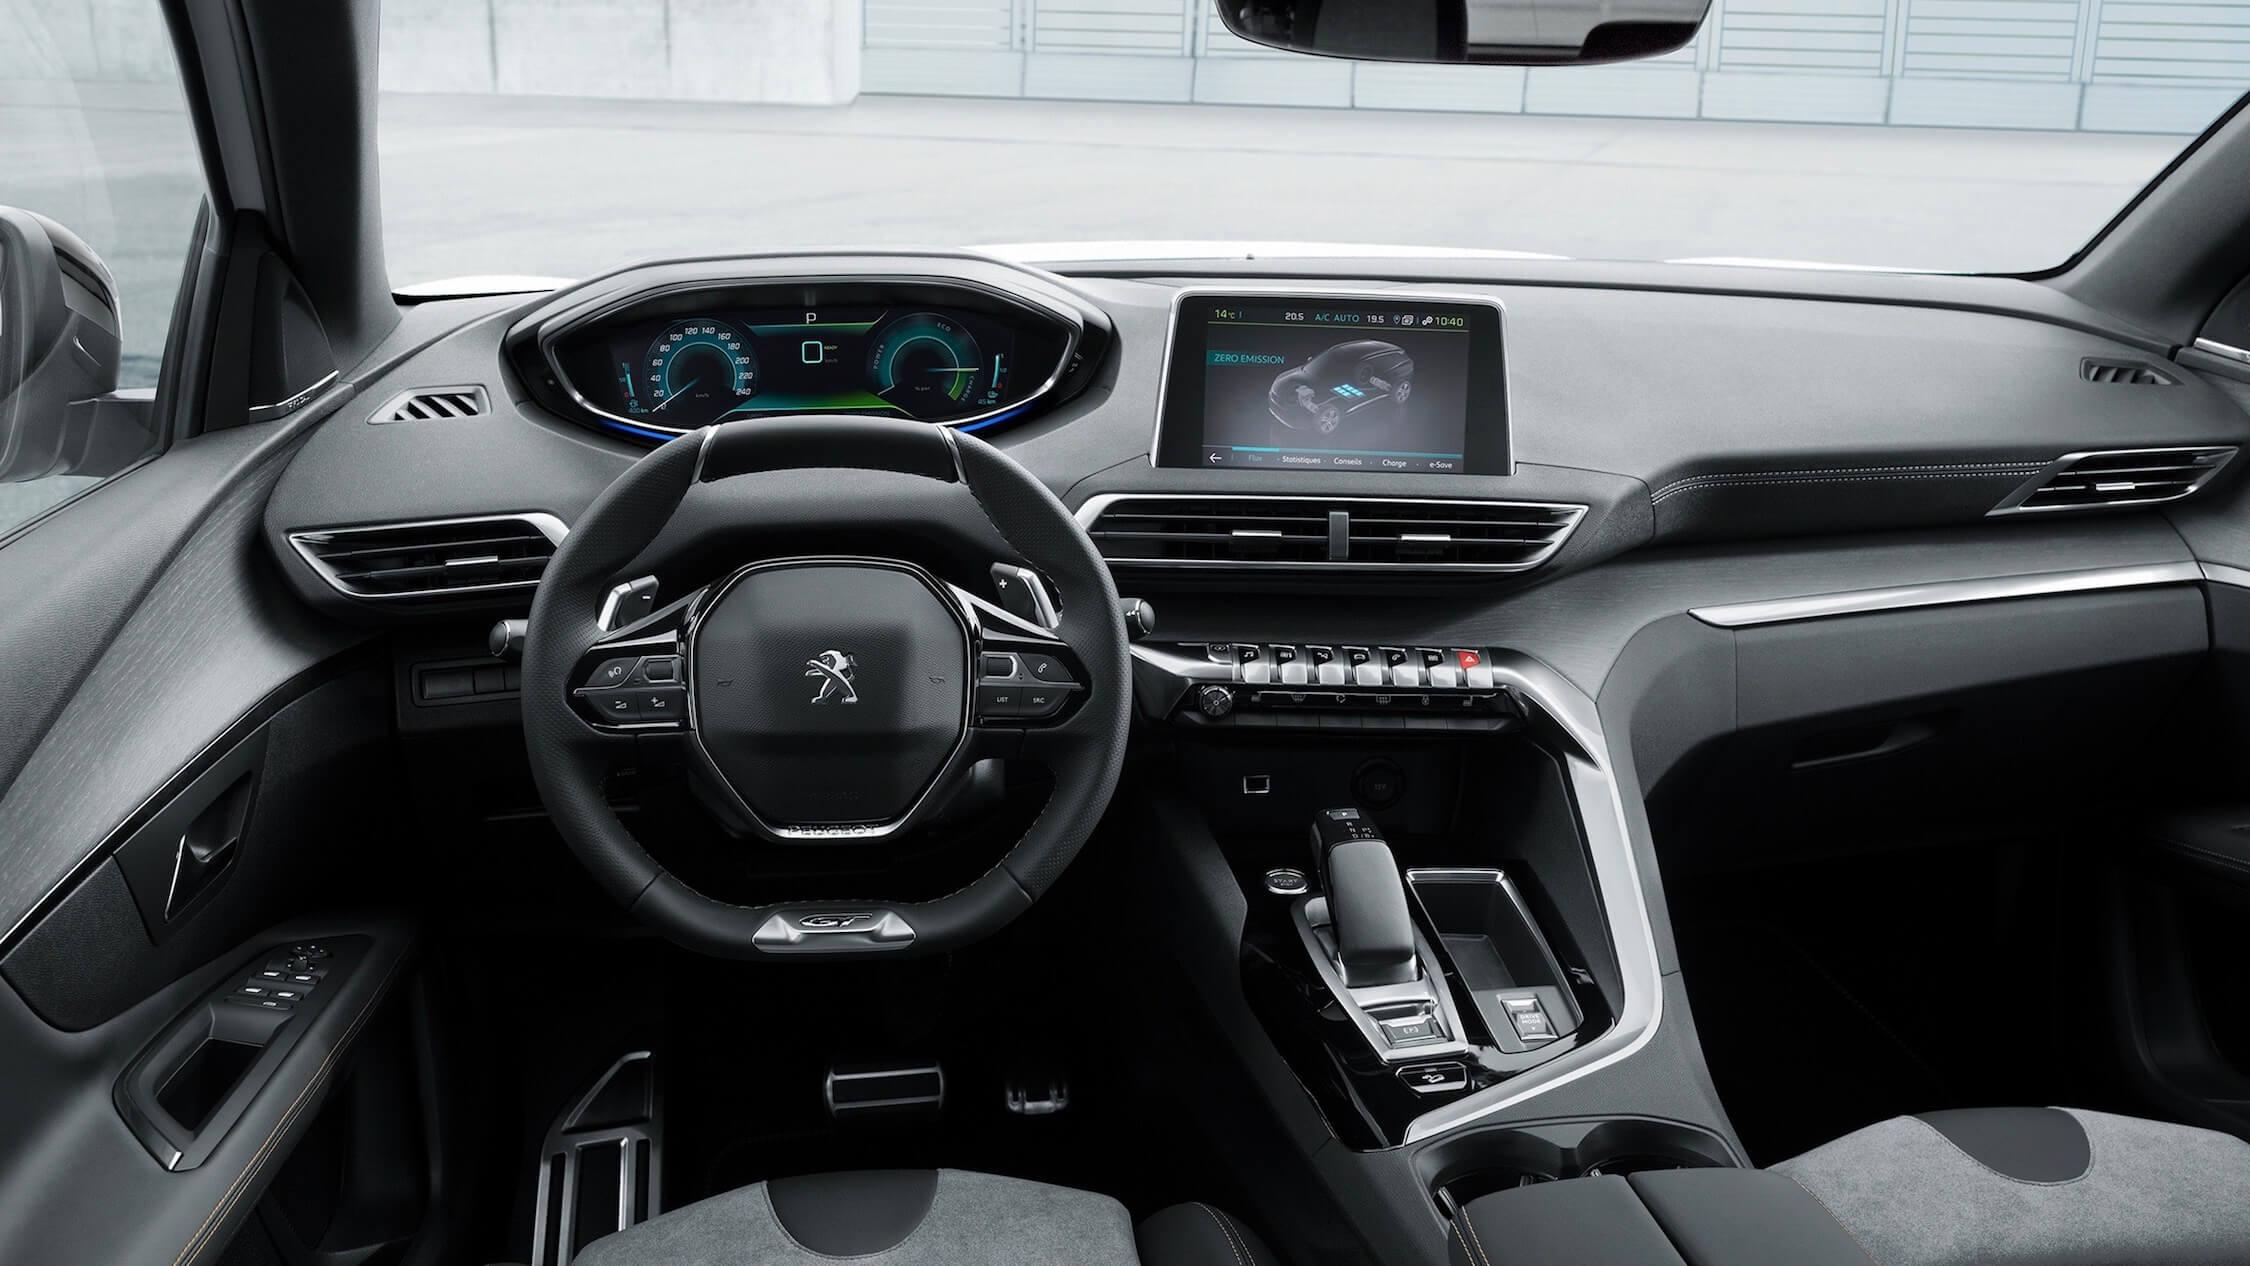 Peugeot 3008 hybride interieur